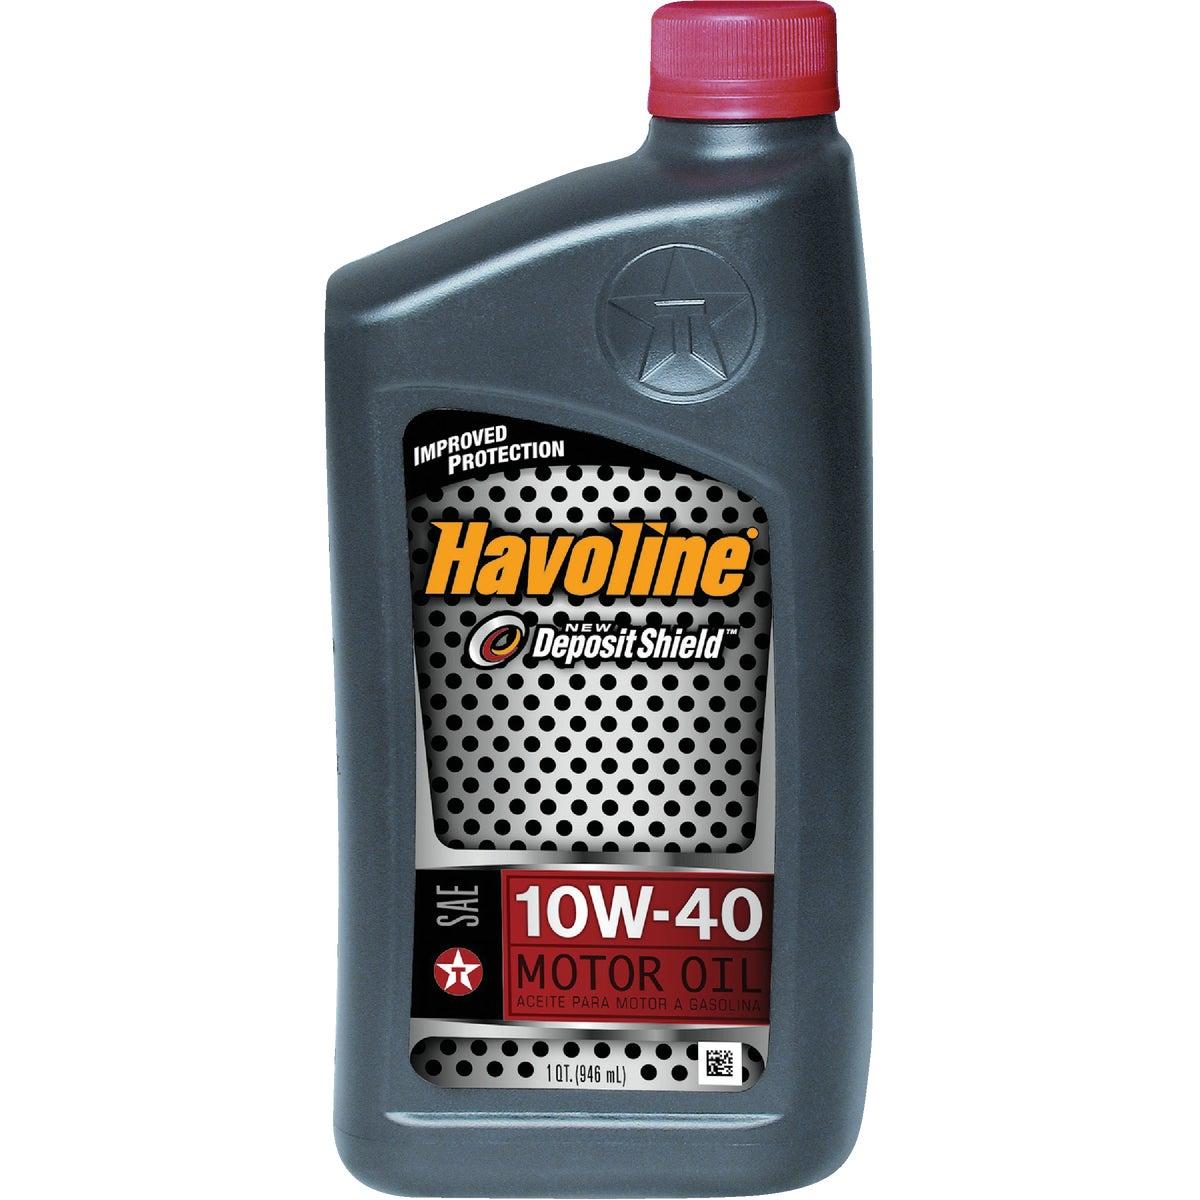 HAVOLINE 10W40 MOTOR OIL